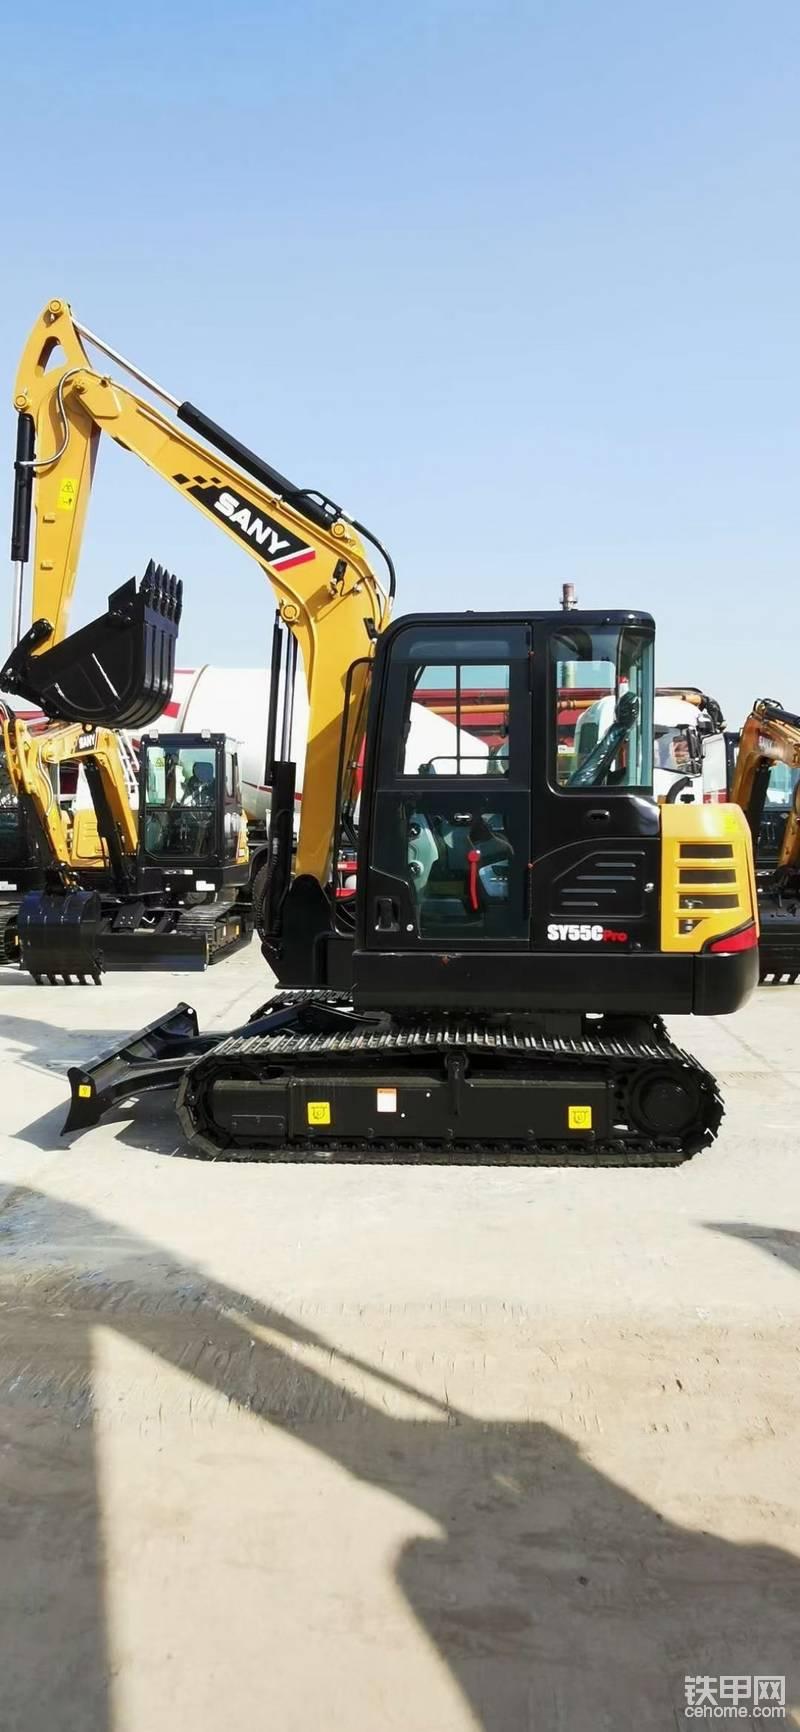 【買車記】喜提新款三一SY55C pro挖掘機-帖子圖片